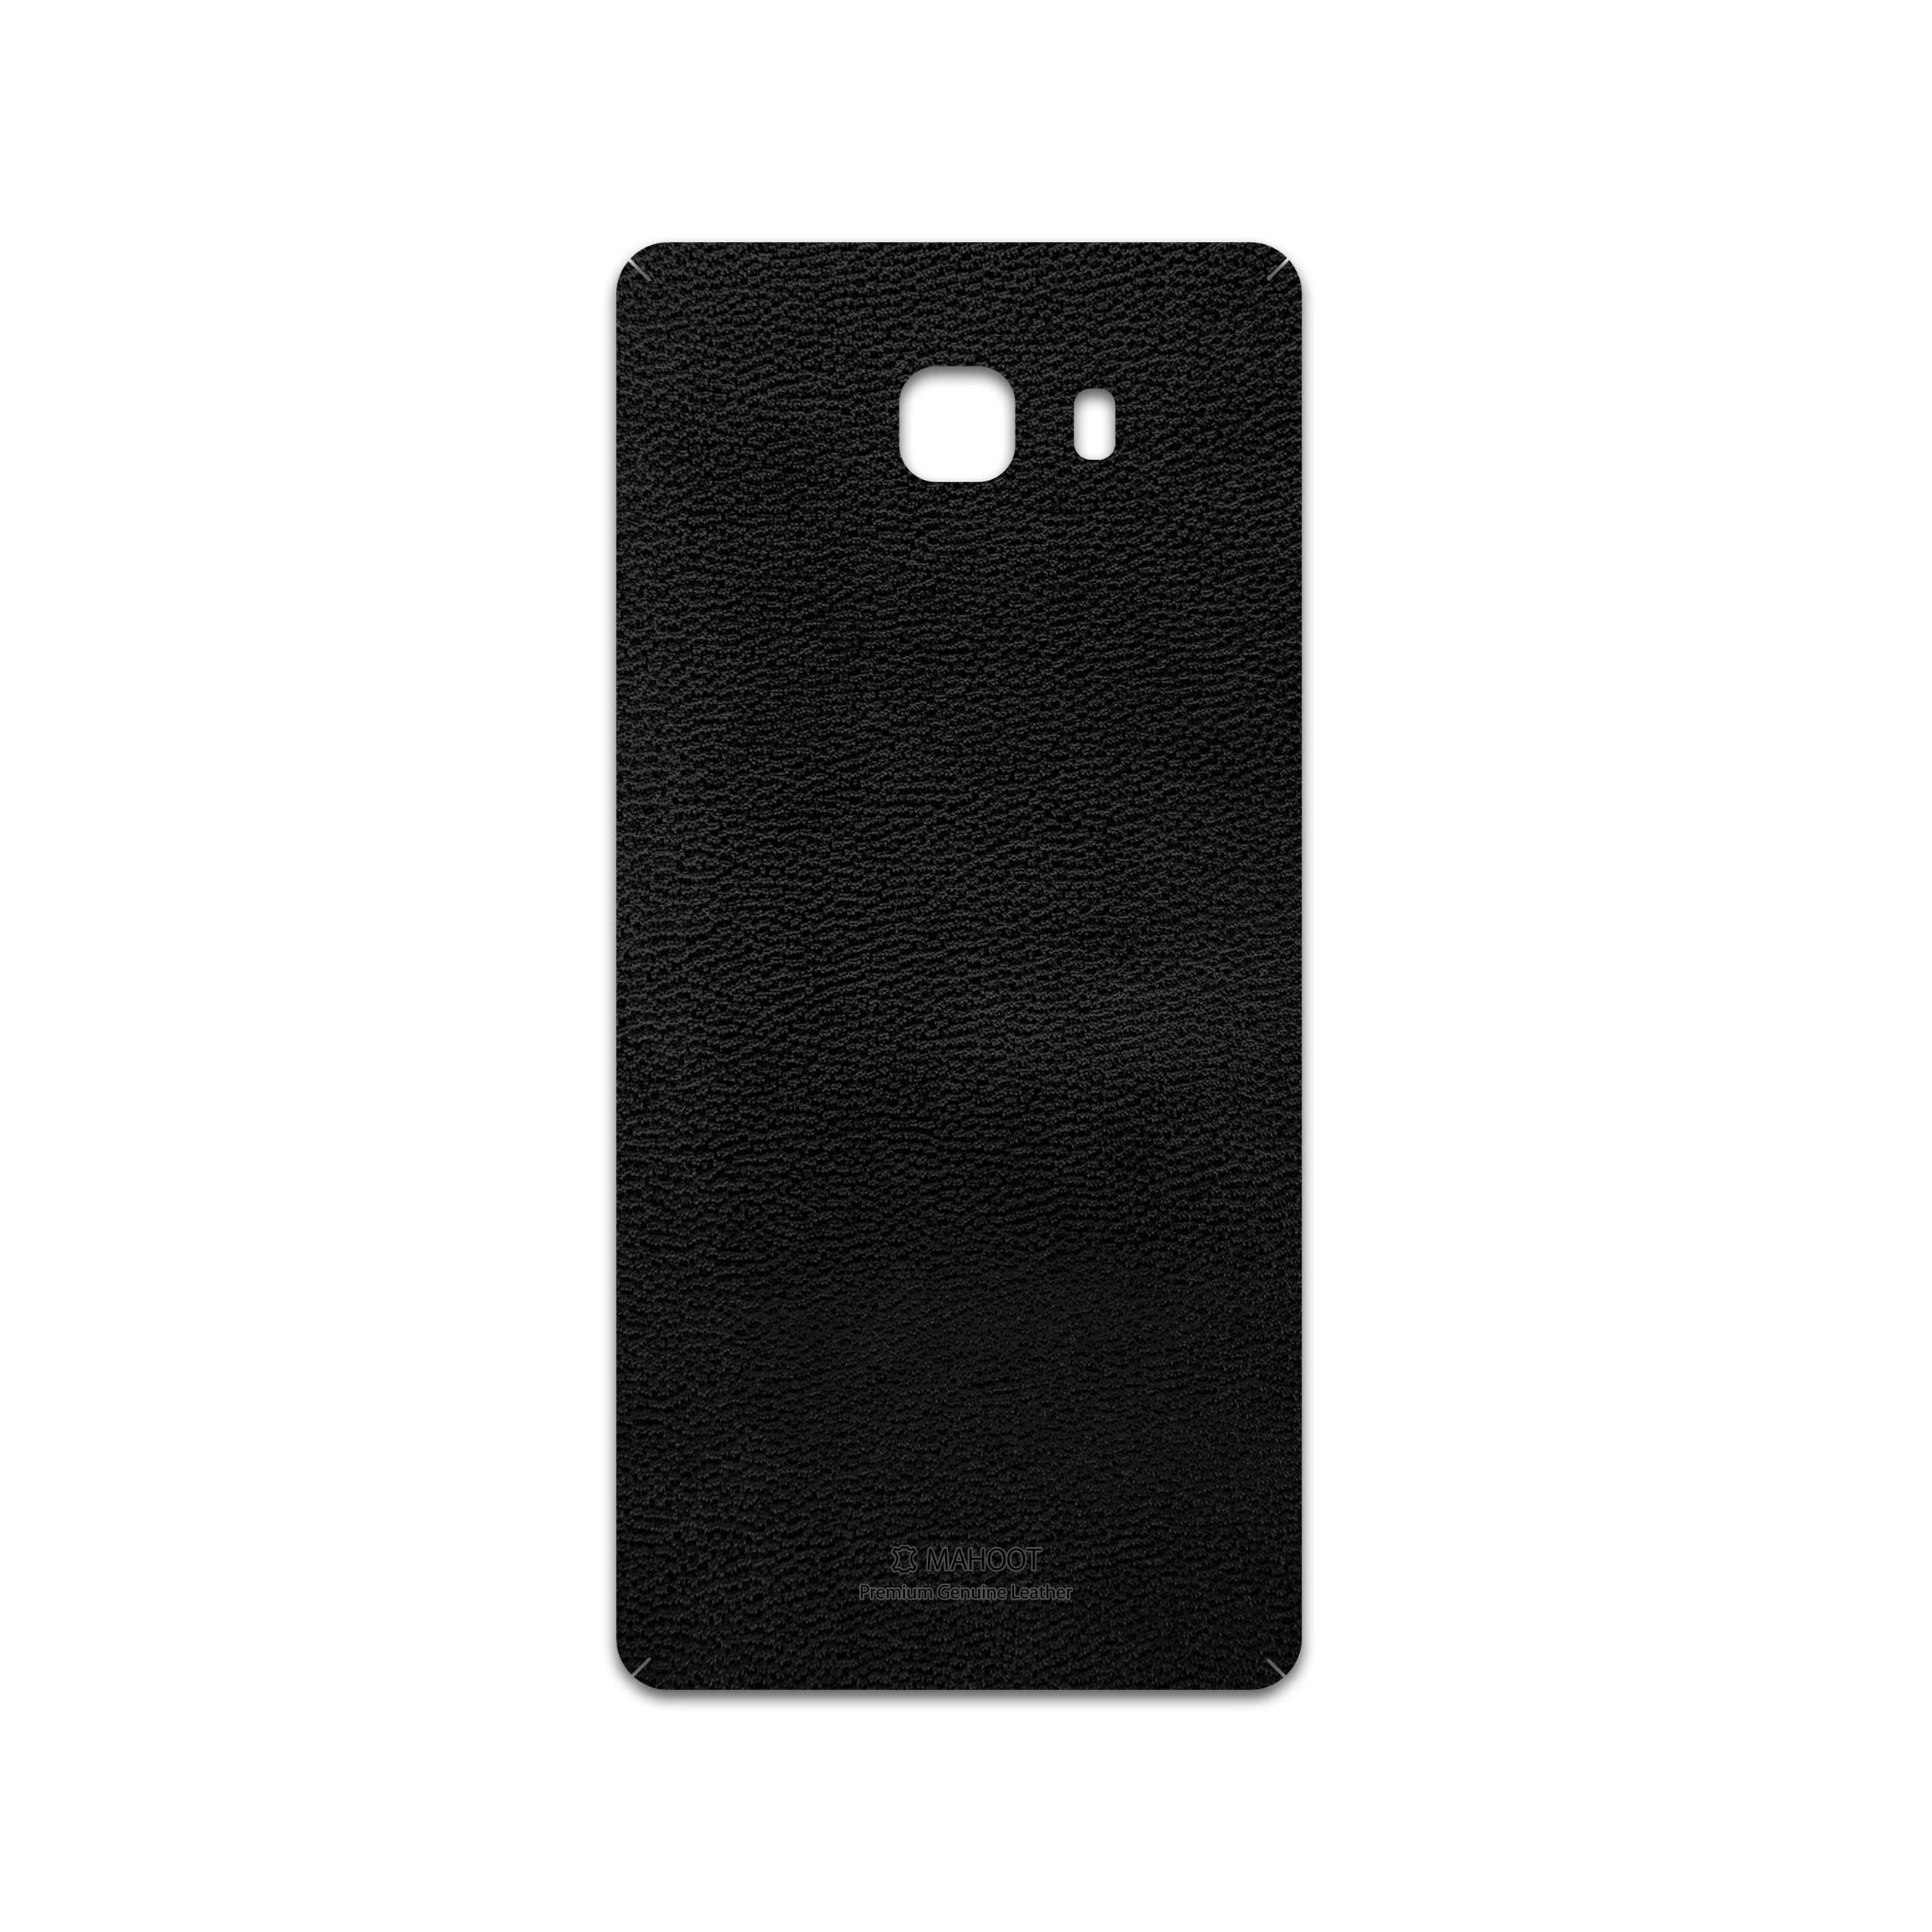 برچسب پوششی ماهوت مدل Black-Leather مناسب برای گوشی موبایل سامسونگ Galaxy C9 Pro